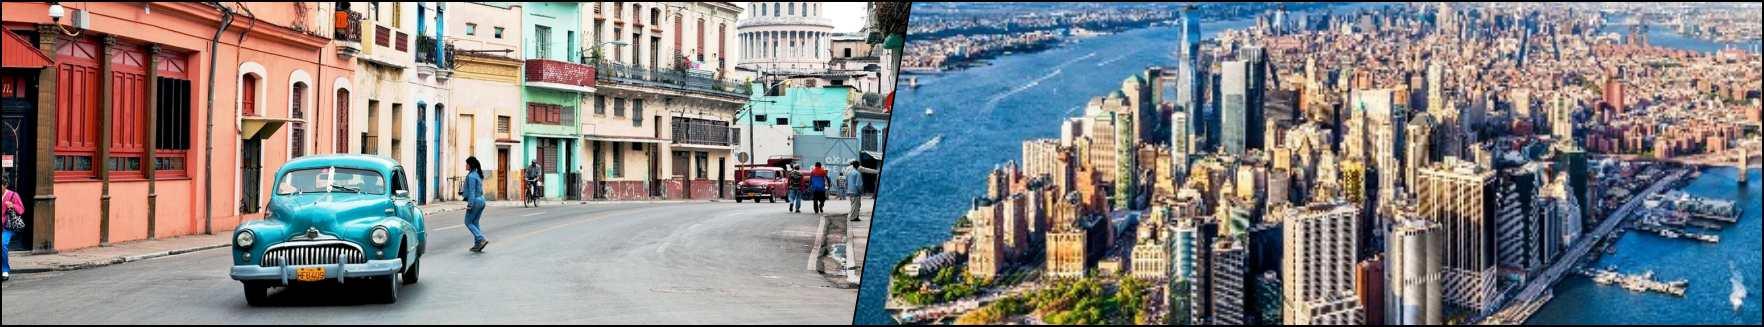 Havana - New York